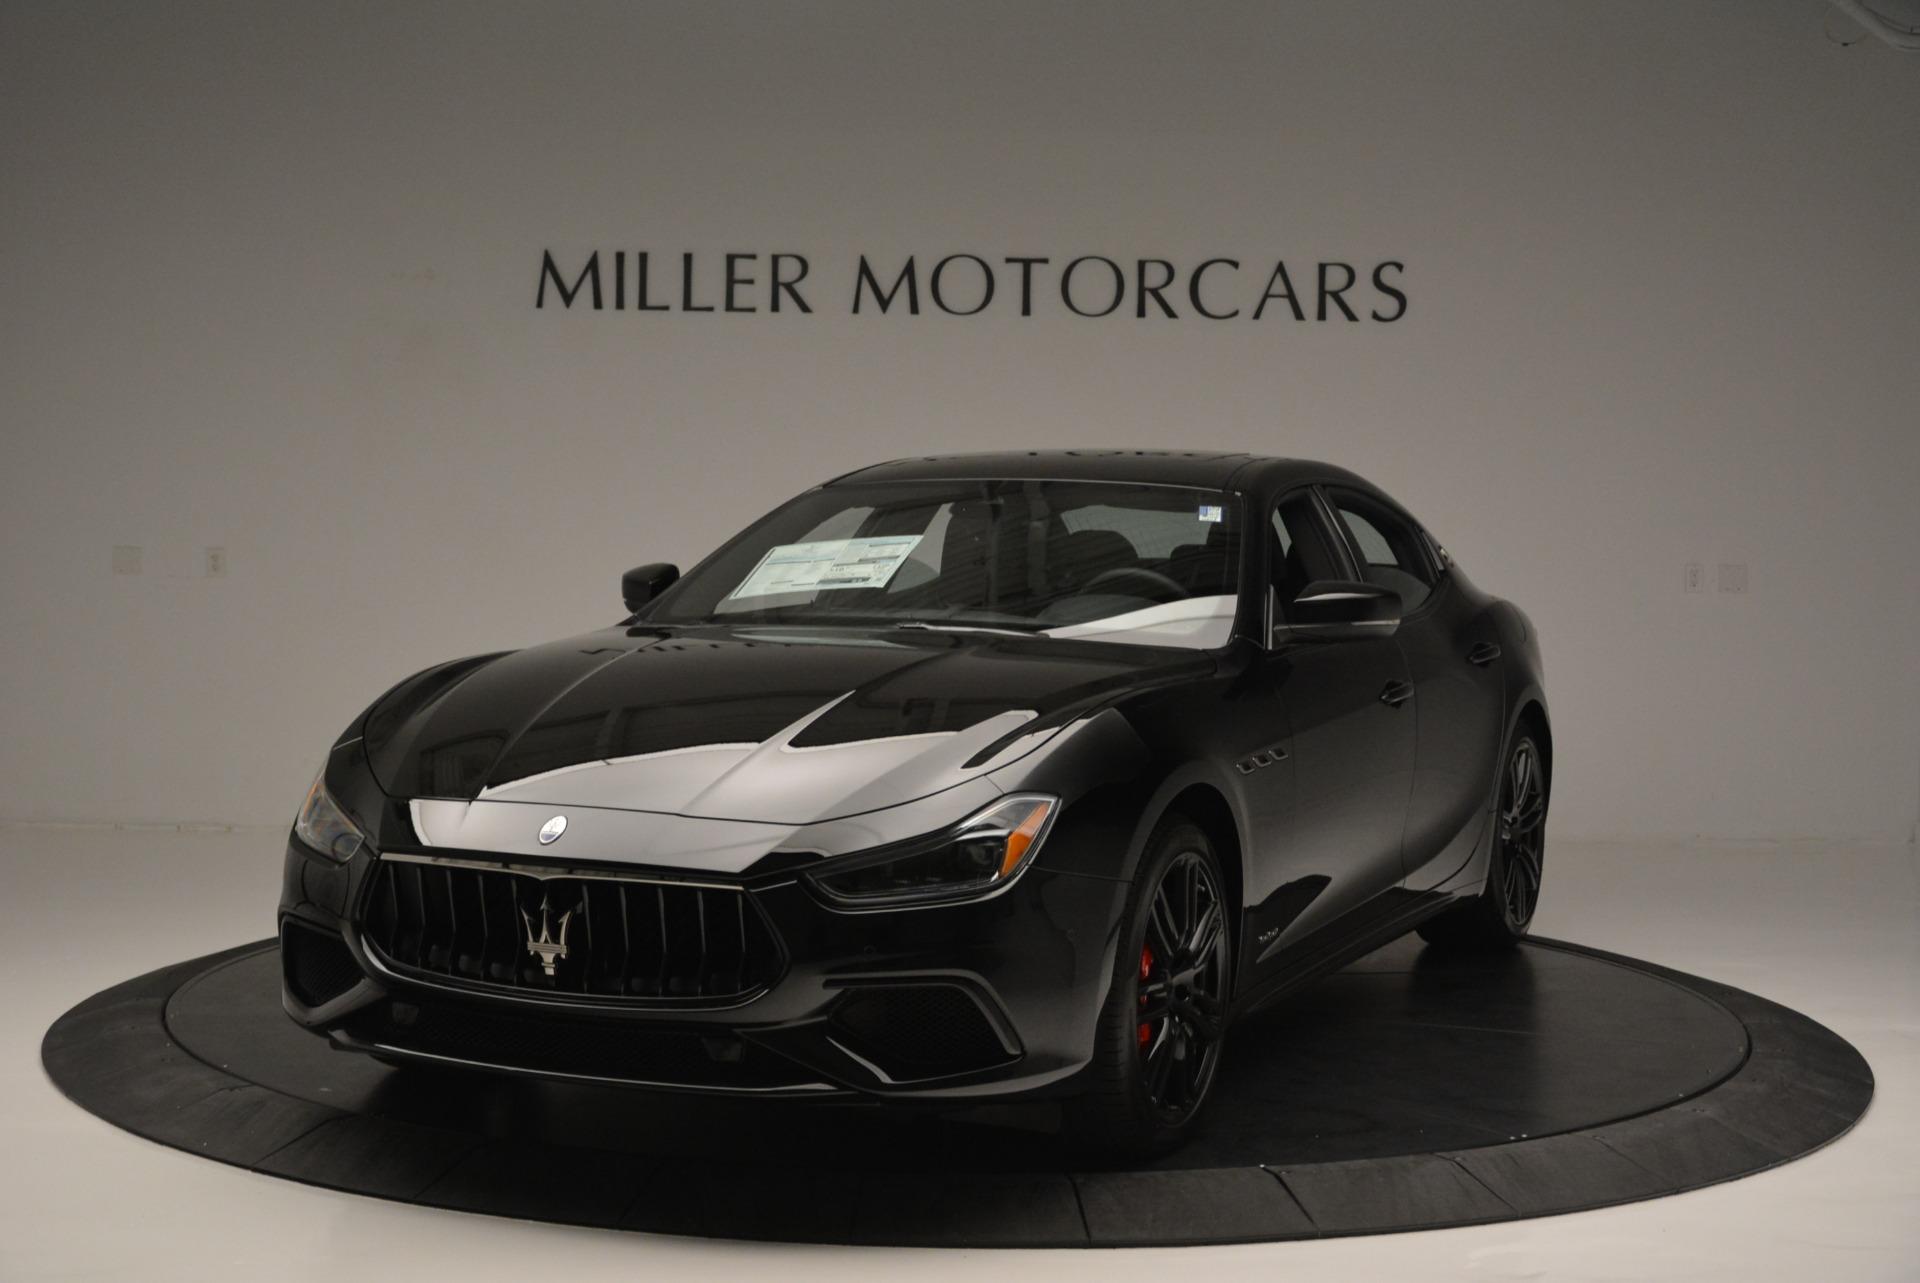 New 2018 Maserati Ghibli SQ4 GranSport Nerissimo For Sale In Greenwich, CT 2278_main